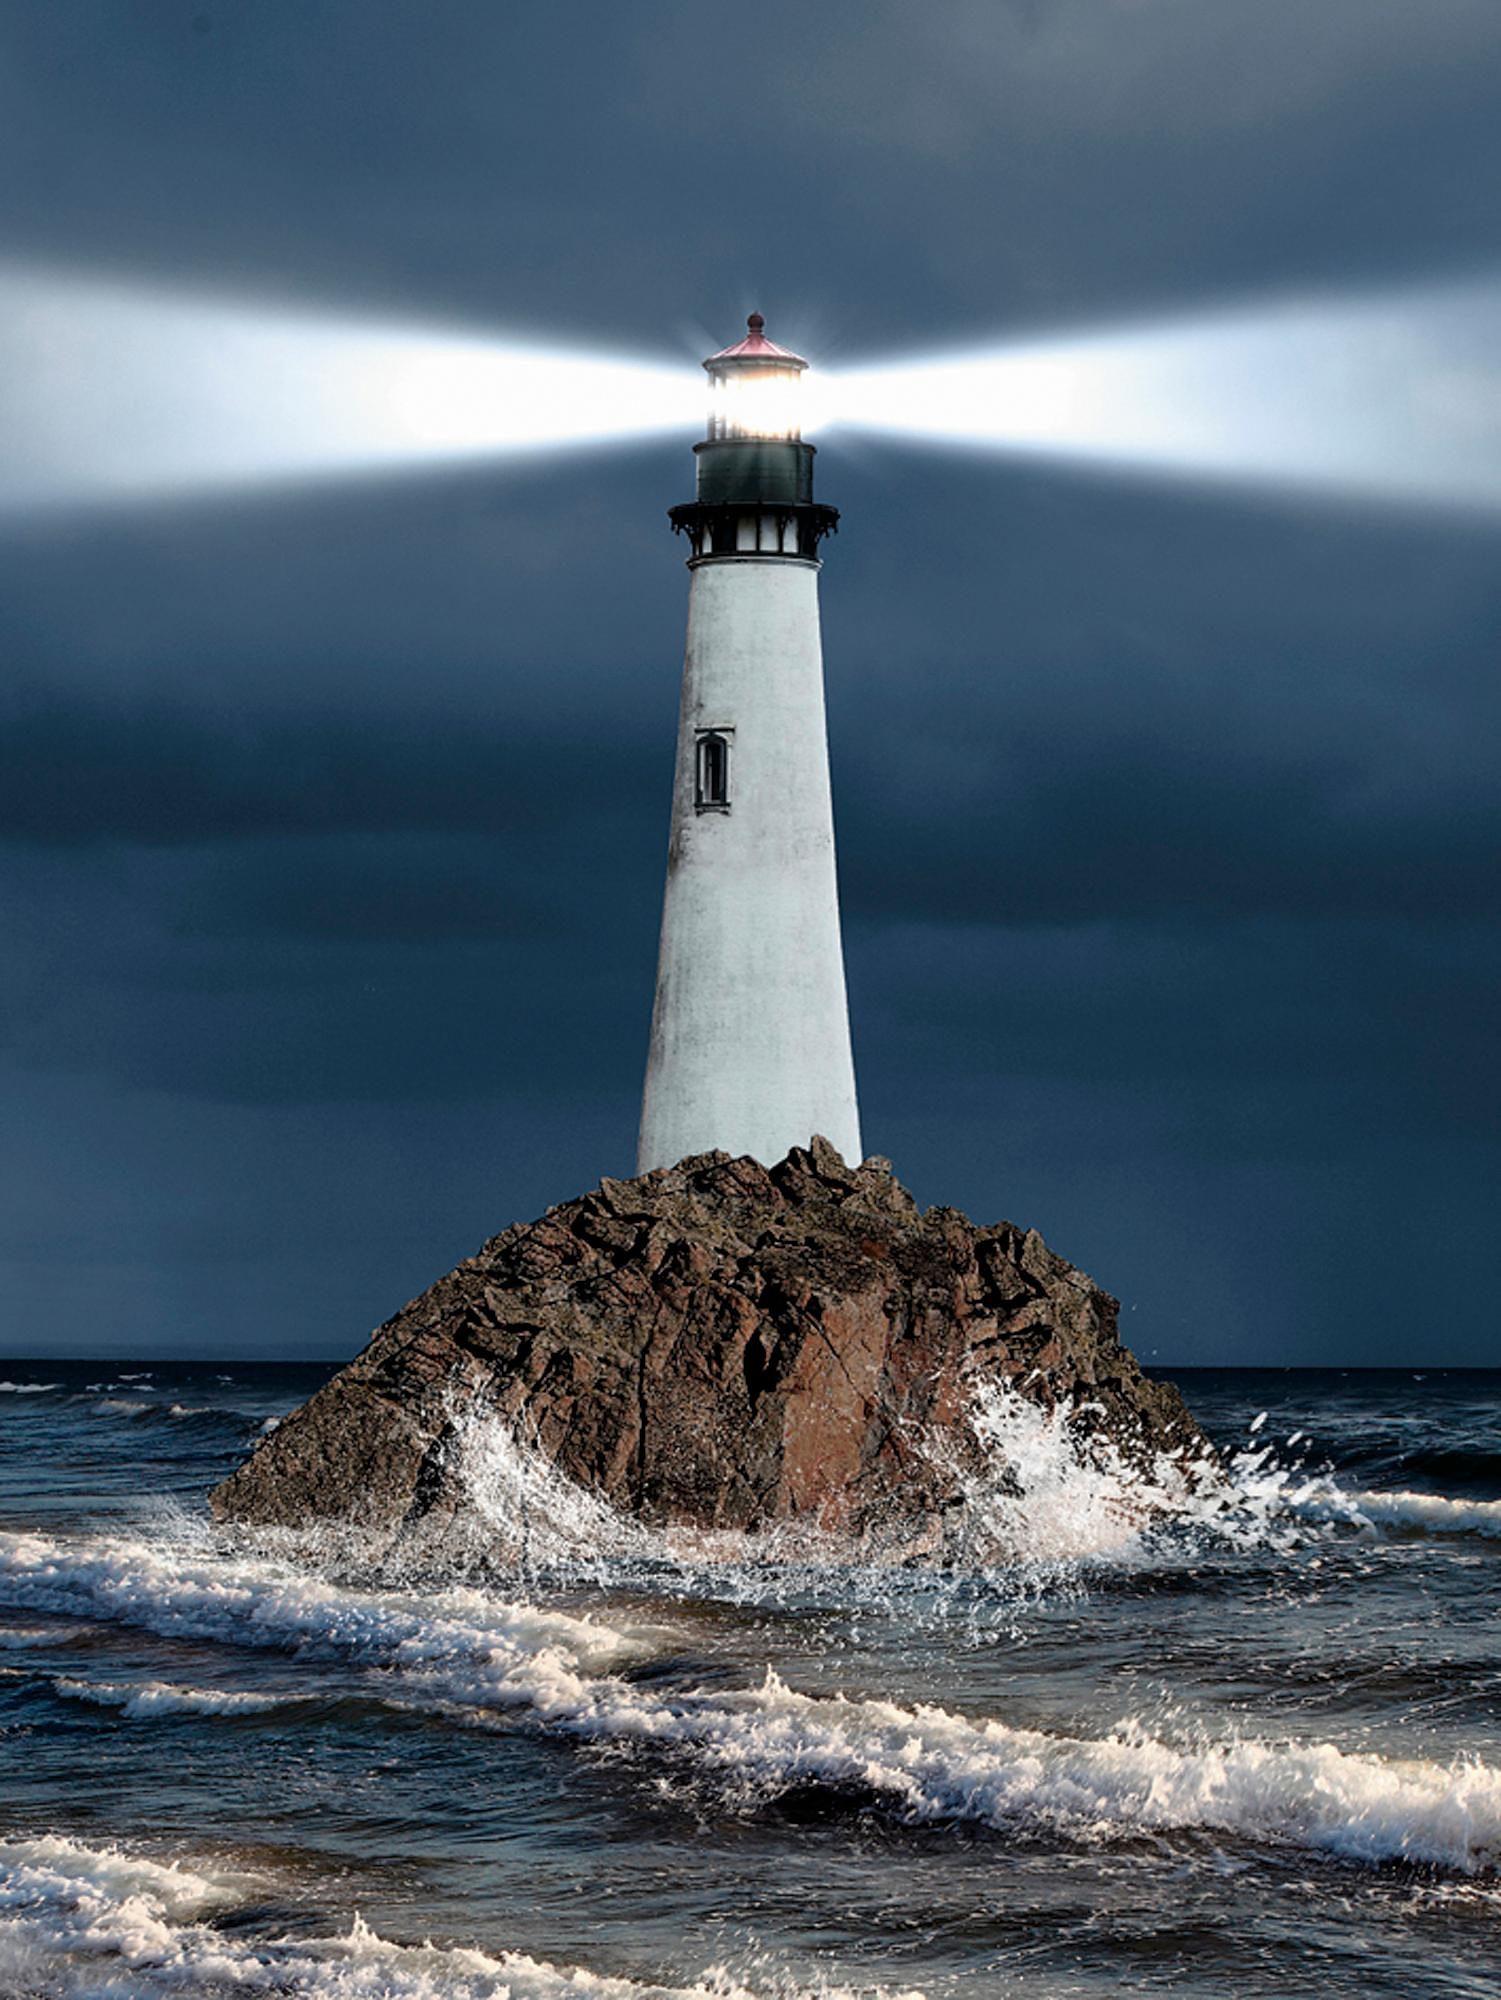 Home affaire Leinwandbild »S. Nivens: Leuchtturm mit einem starken Lichtstrahl«, 60/80 cm